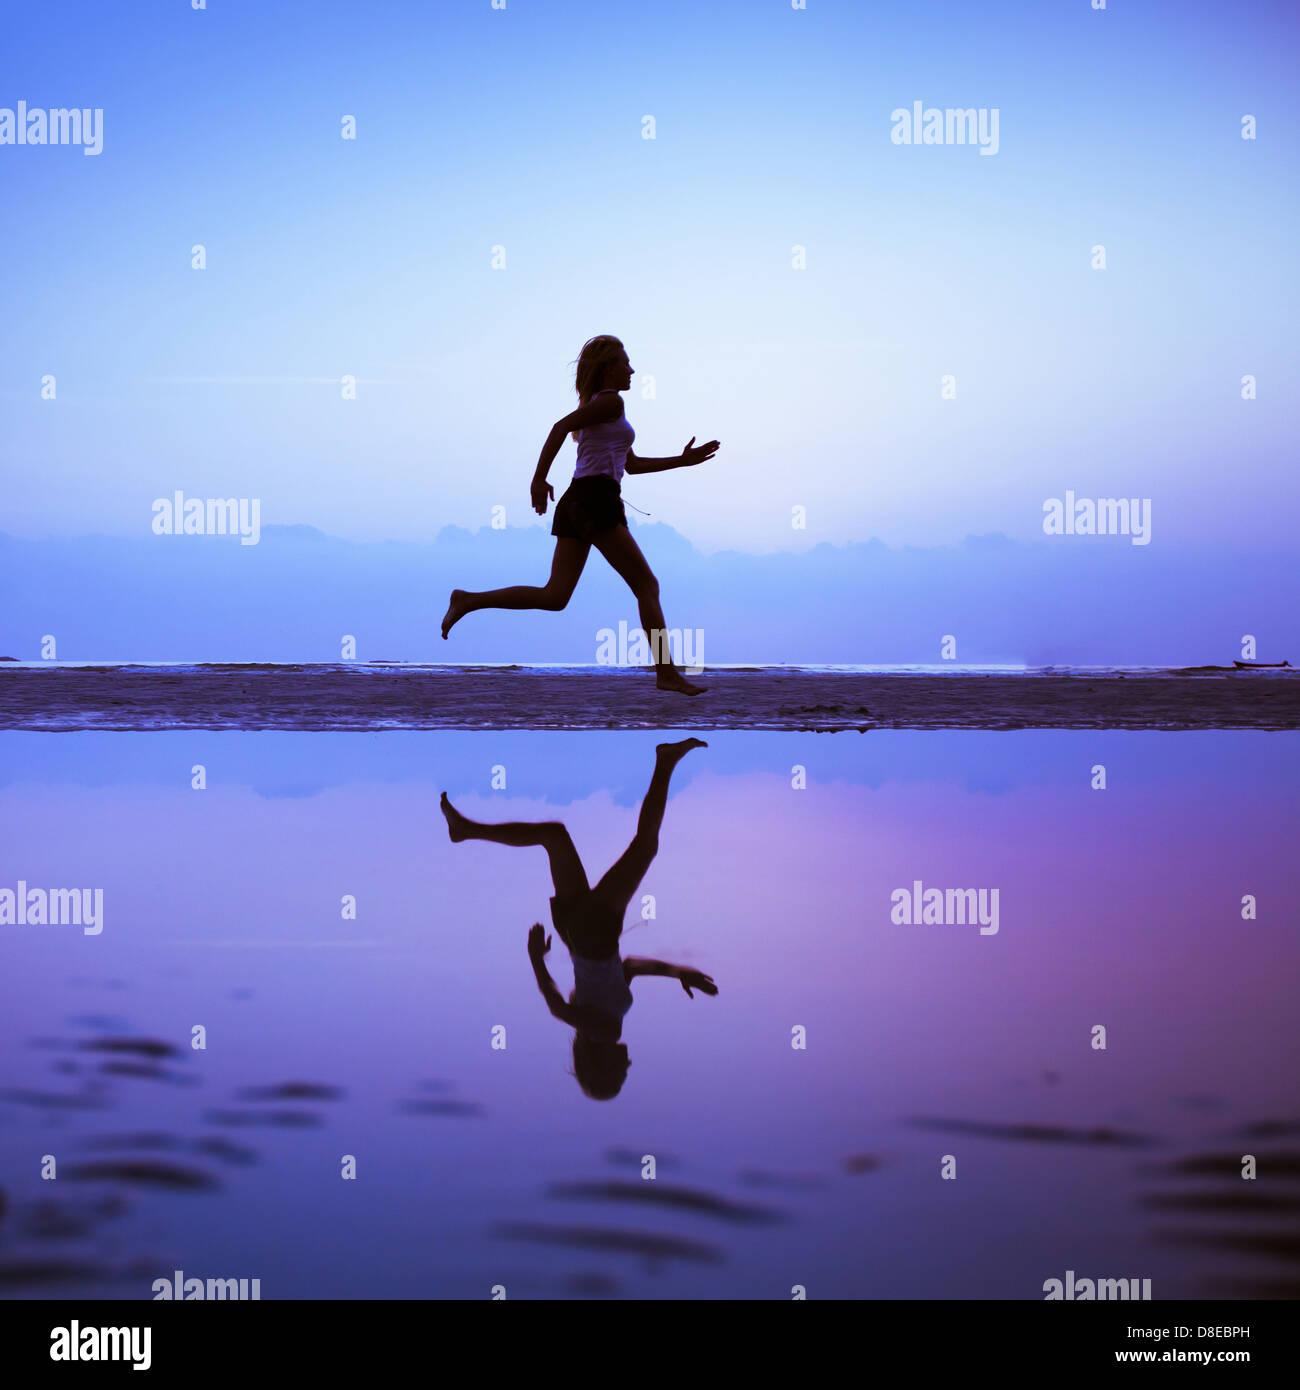 Weibliche Läufer Silhouette ist unten mit einem blauen Himmel Sonnenuntergang als Hintergrund gespiegelt. Stockbild